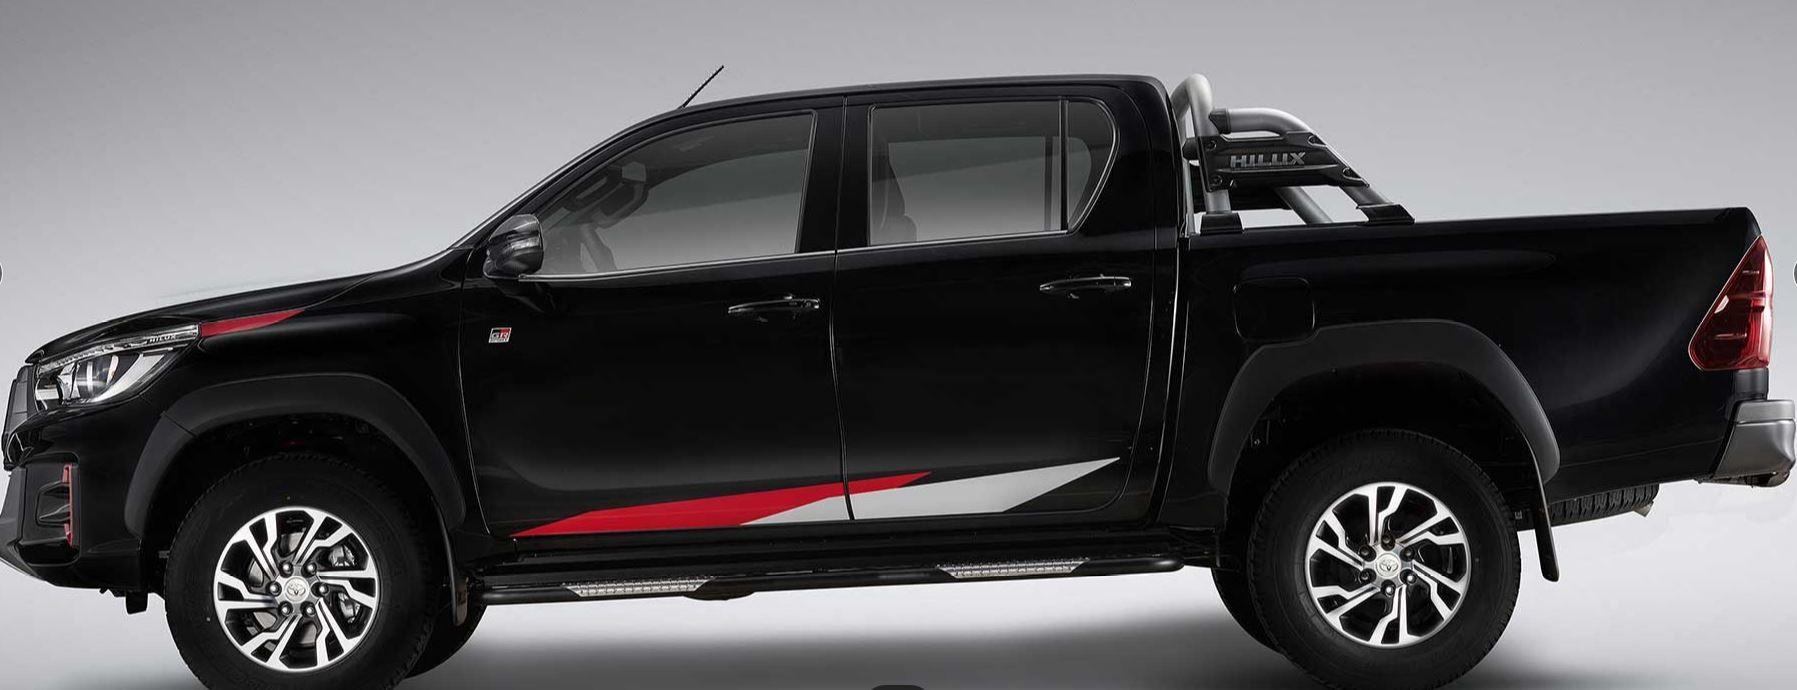 Toyota lança Hilux com motor V6 a gasolina na Argentina - Notícias - Plantão Diário